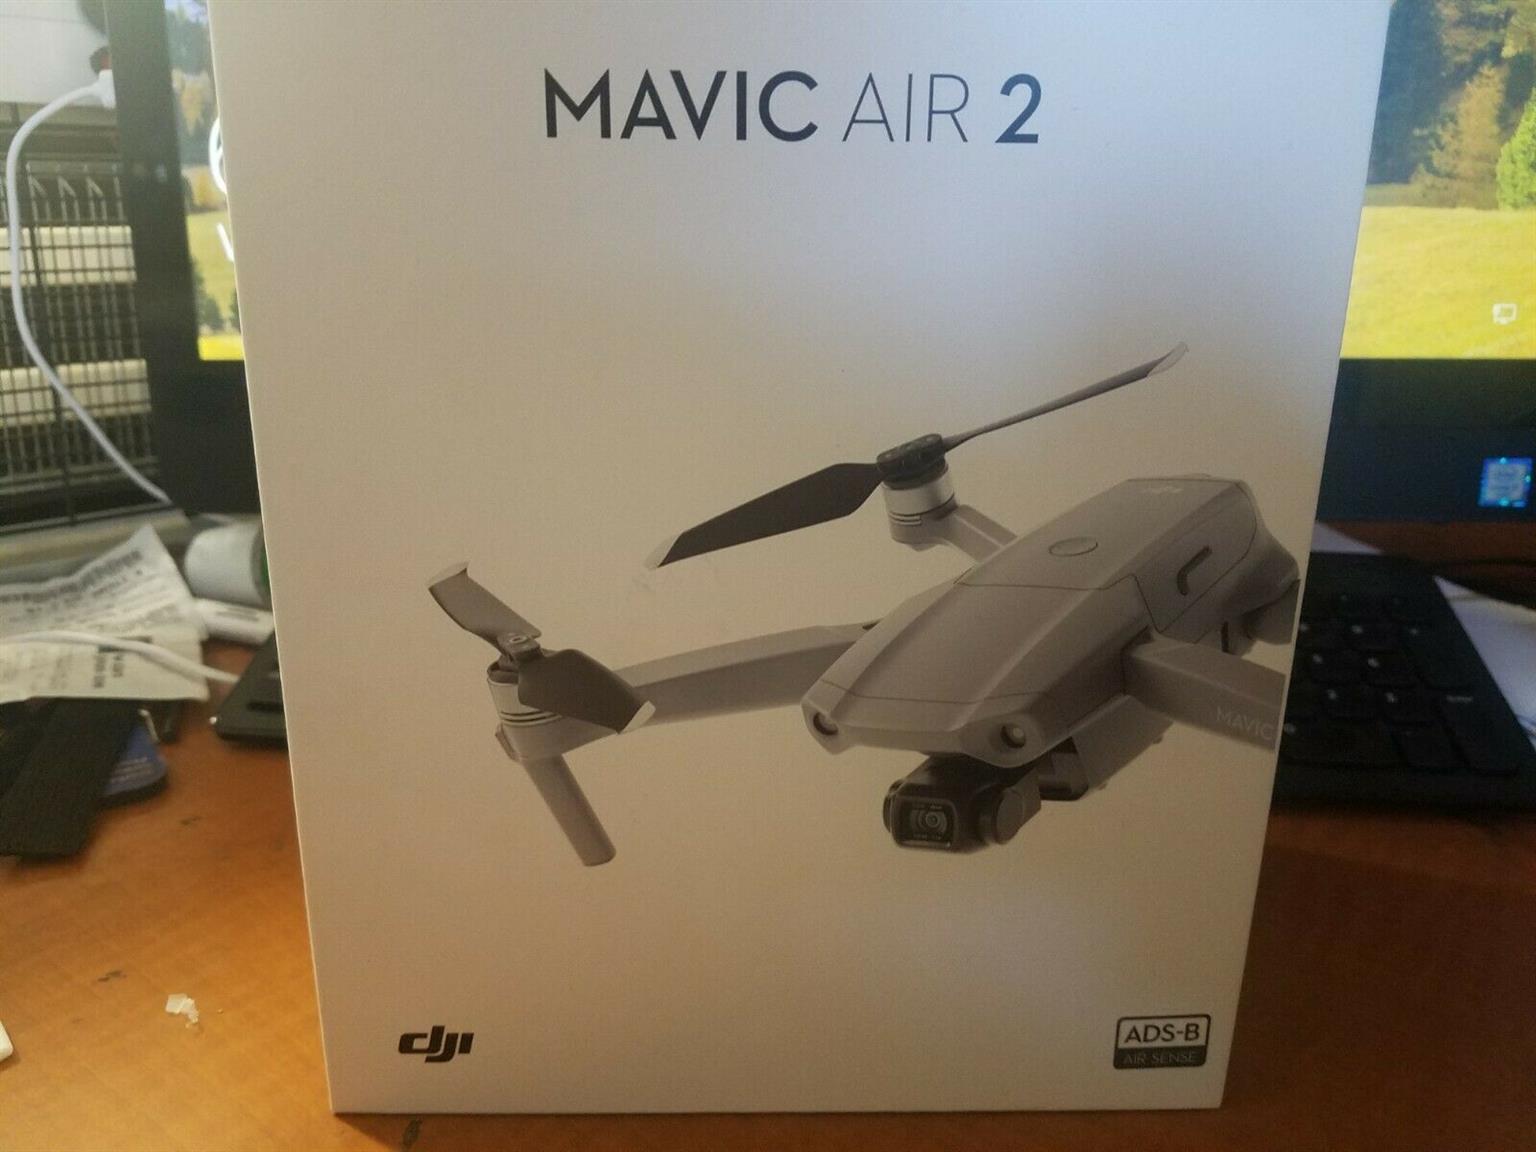 Preowned DJI Mavic air 2